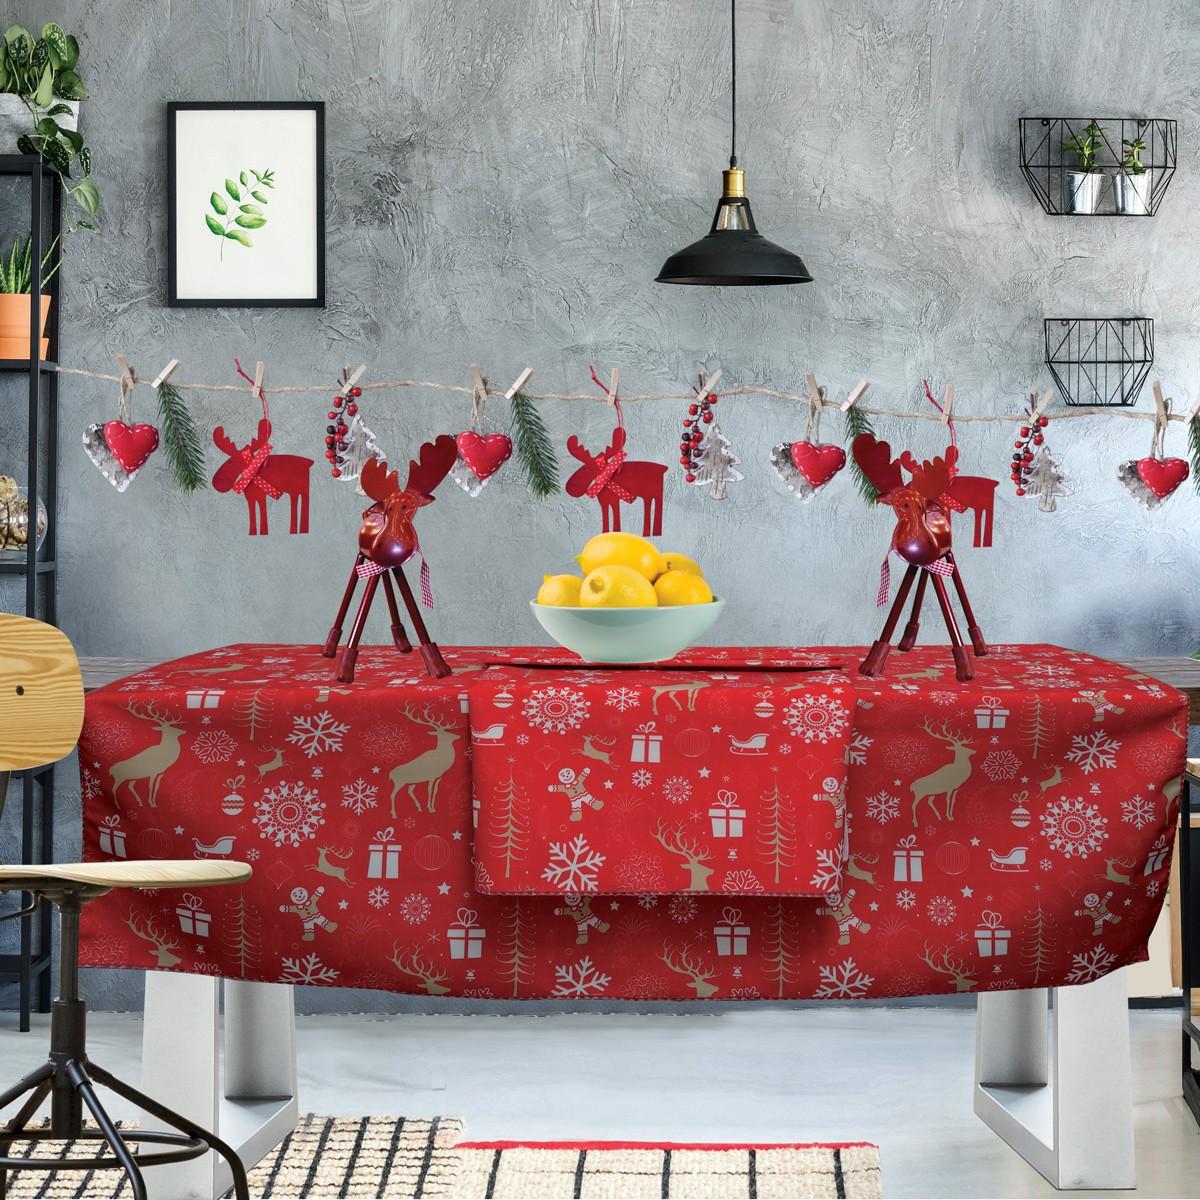 Χριστουγεννιάτικο Τραπεζομάντηλο (140×240) Das Home Kitchen 549